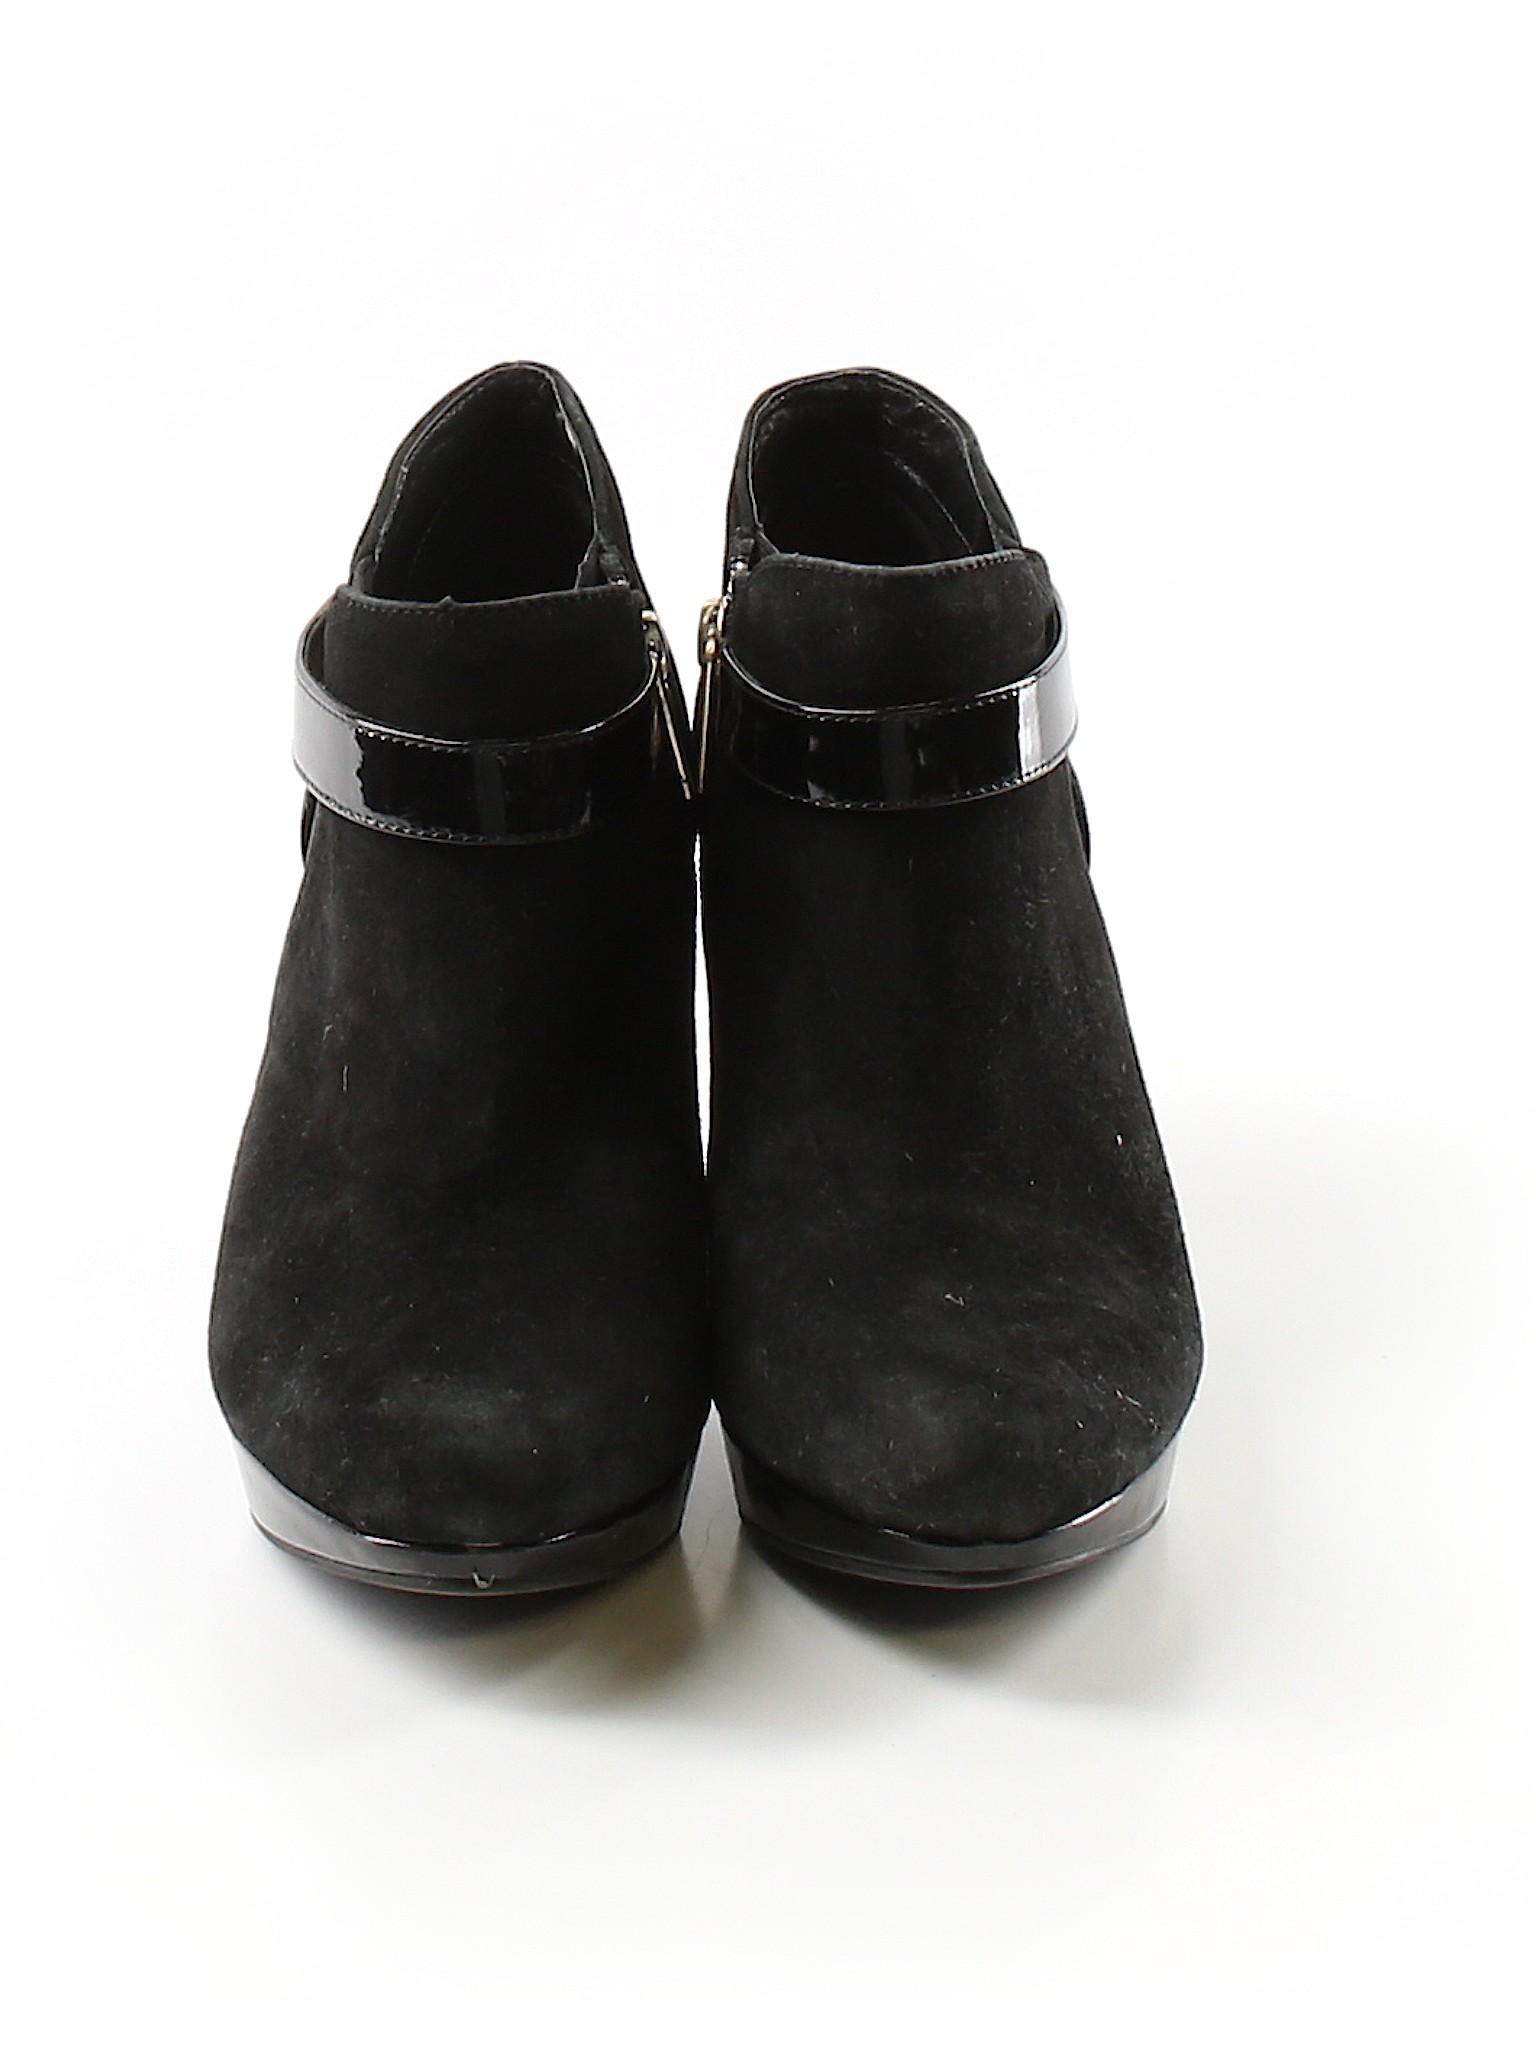 Boutique Bandolino promotion promotion Boutique Boots Ankle Boutique Bandolino Ankle Boots promotion Eq0AwB8Z